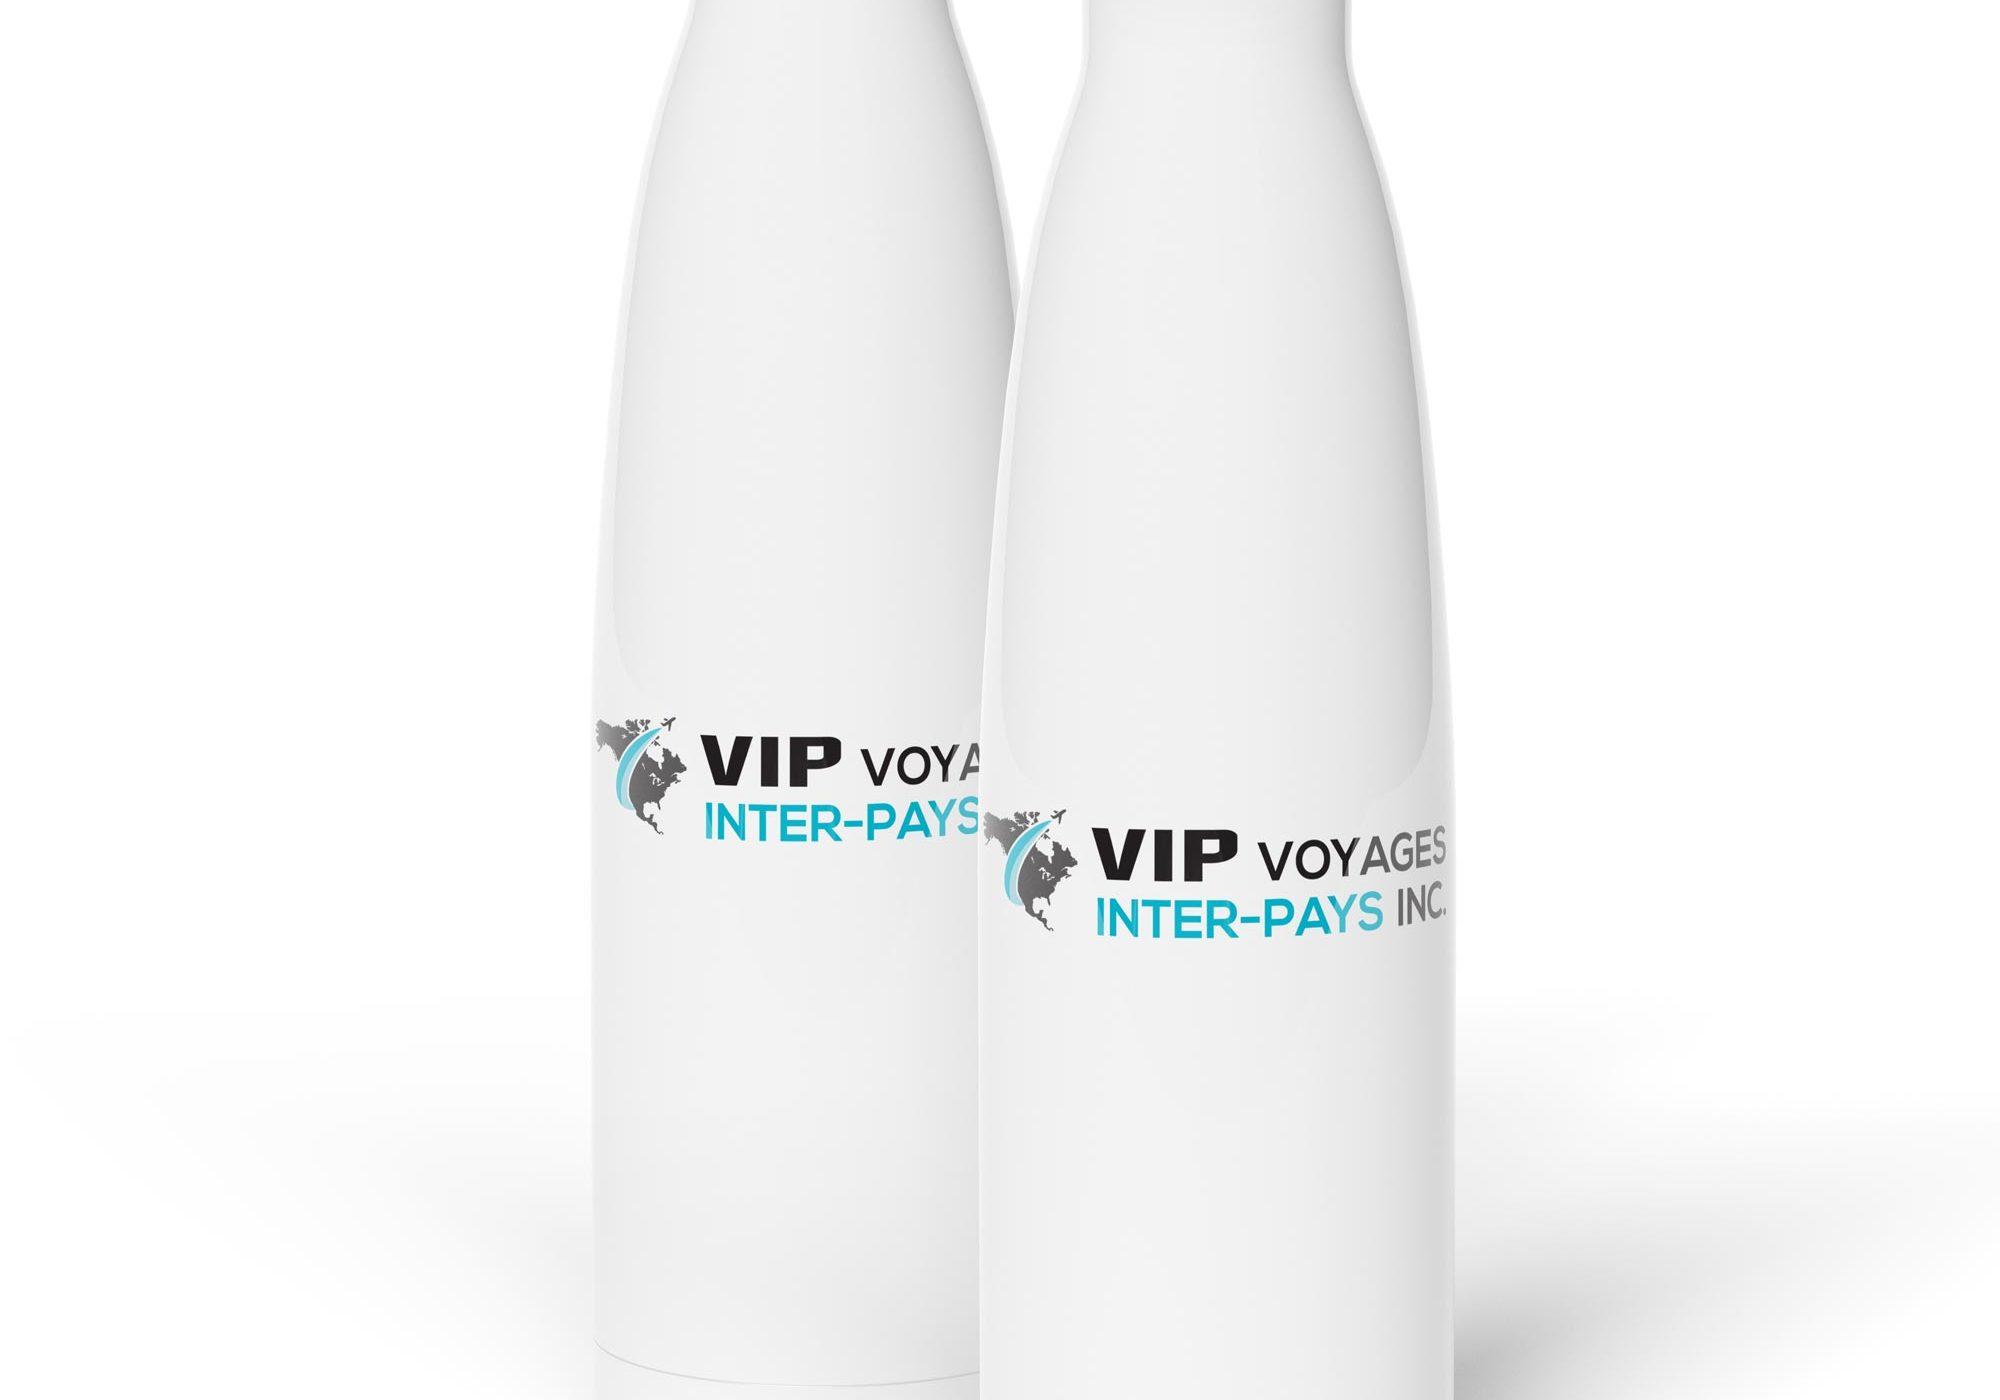 Impression sur bouteilles promotionnelles pour Voyage inter-pays